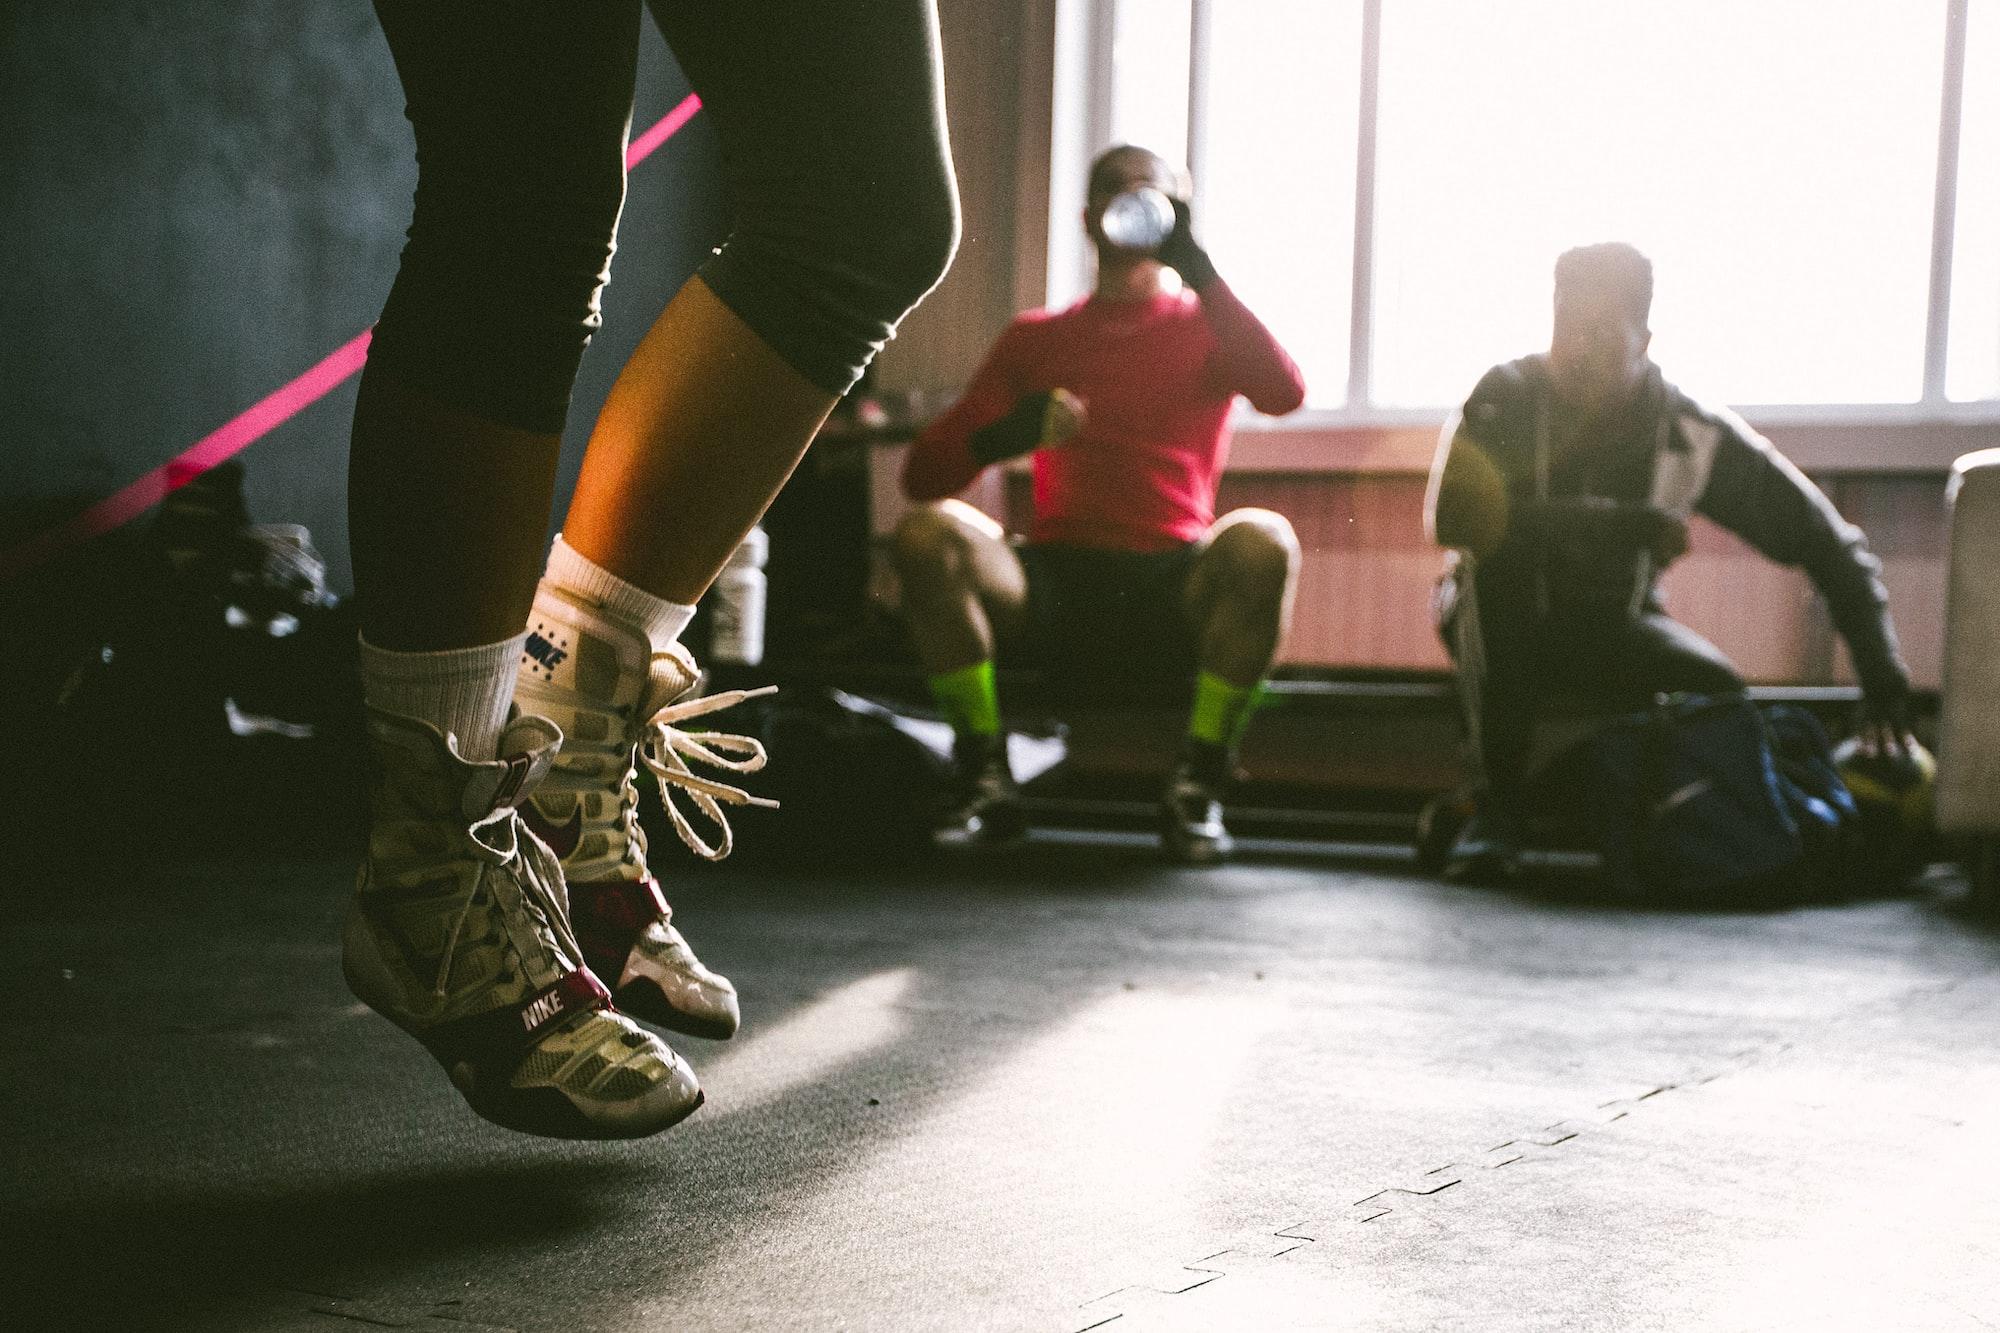 7 เรื่องที่เรามักจะพลาดทำไปหลังออกกำลังกาย